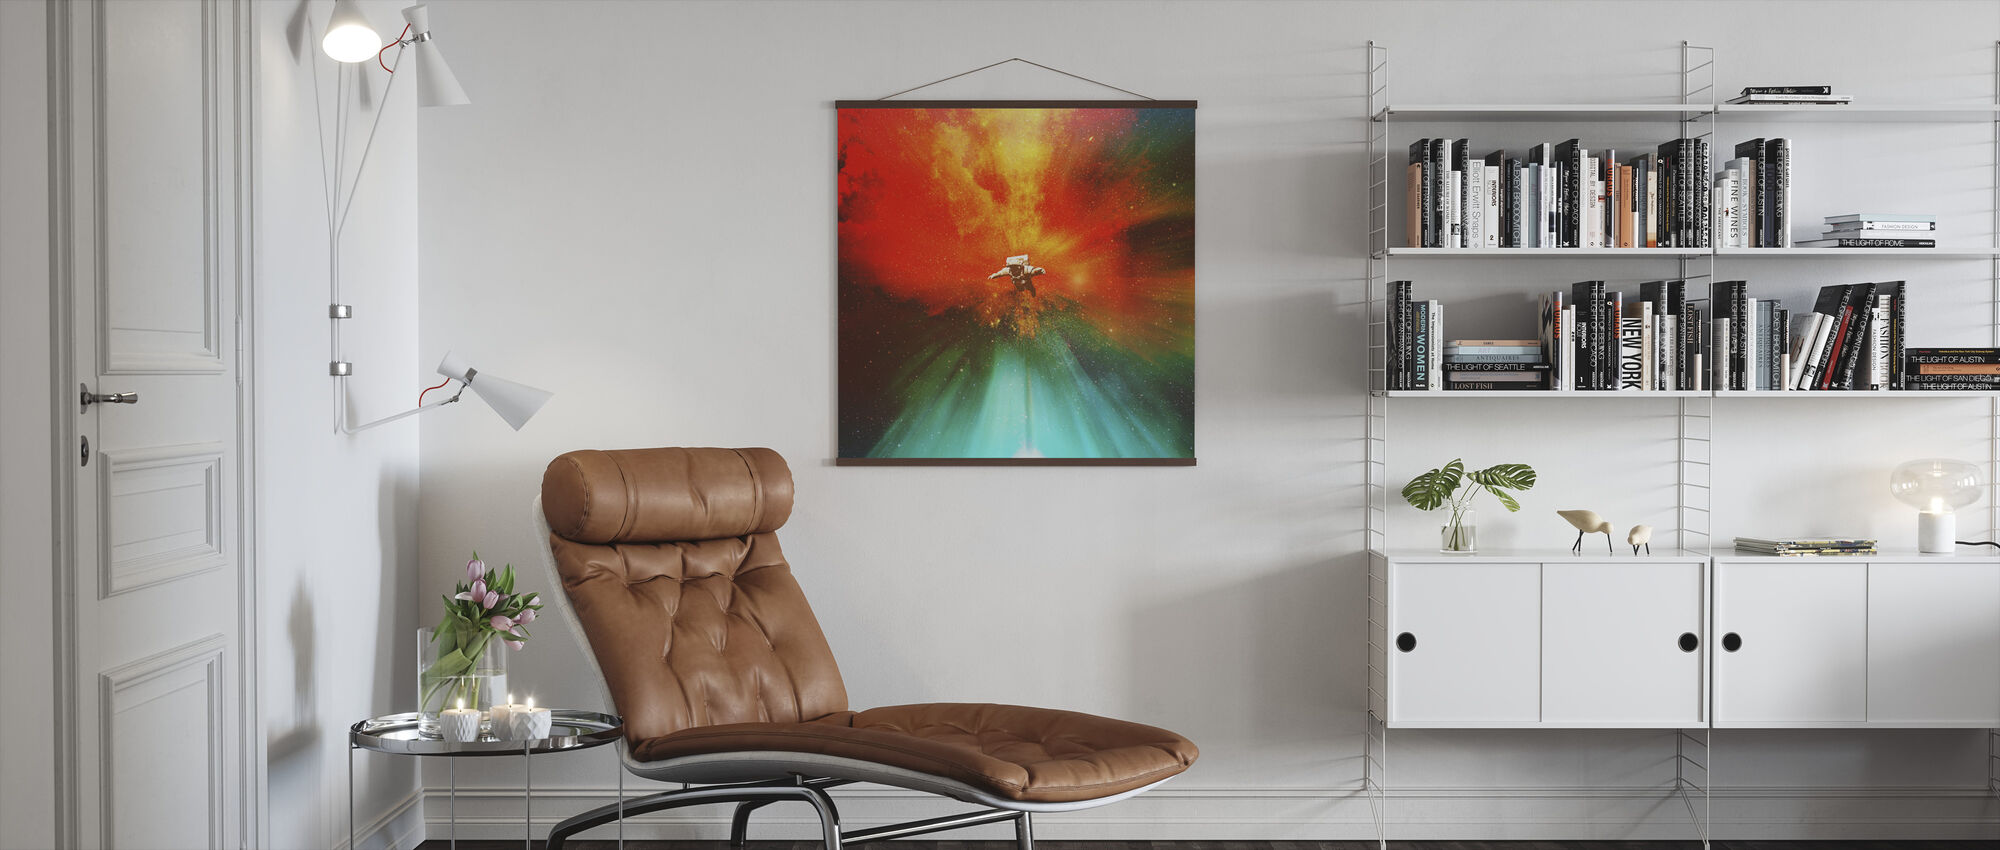 Stranded - Poster - Living Room